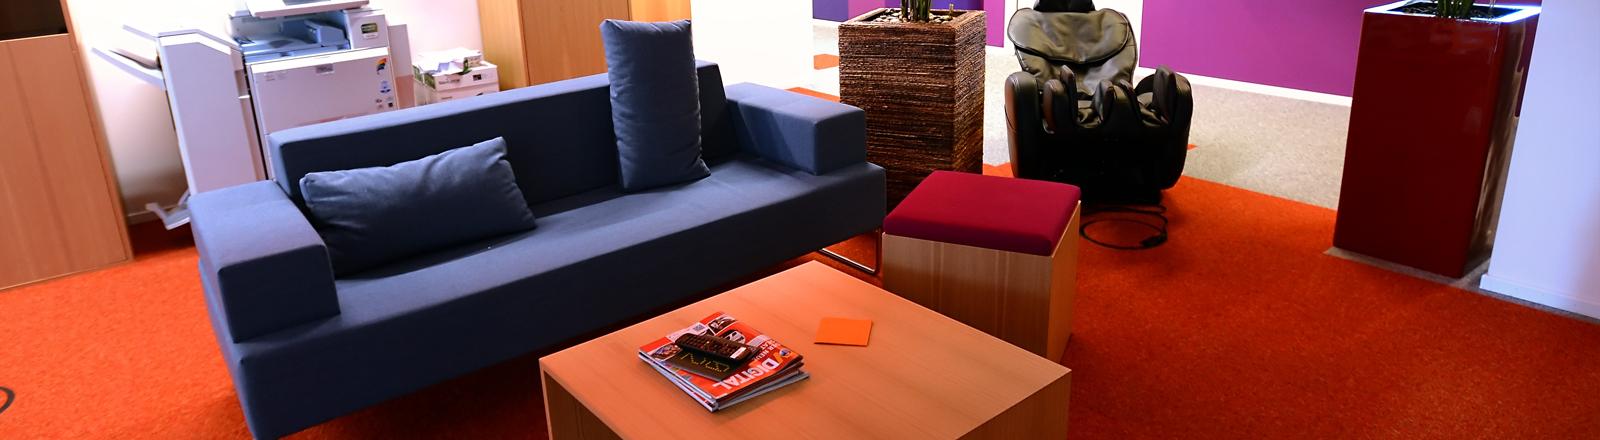 Im Hintergrund steht ein Kopierer, der Rest erinnert an ein Wohnzimmer: bunte Wände, eine Couch, Pflanzen, Teppichboden und ein Massagesessel.